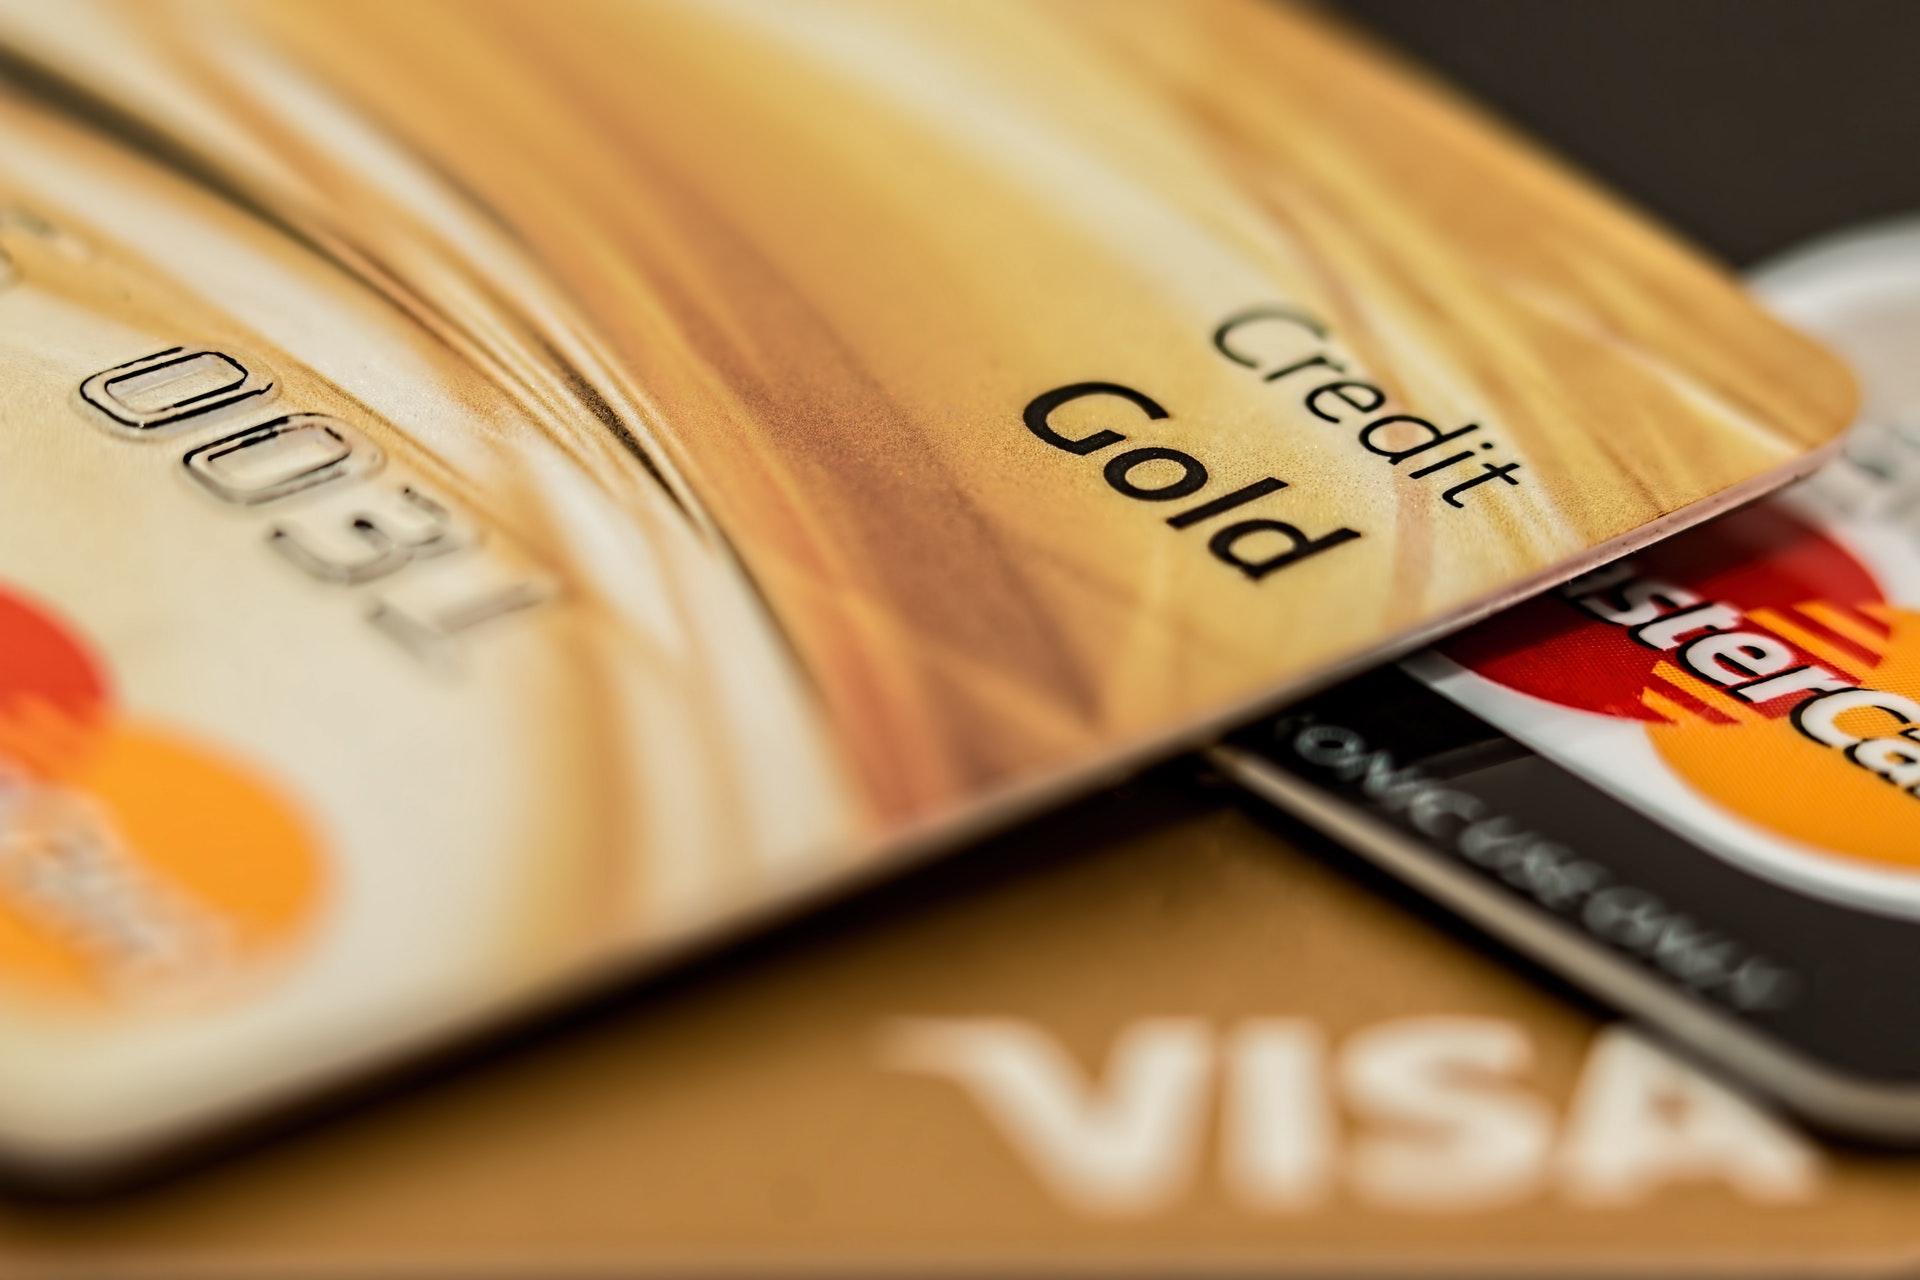 Vemos dois cartões de crédito em close (imagem ilustrativa).